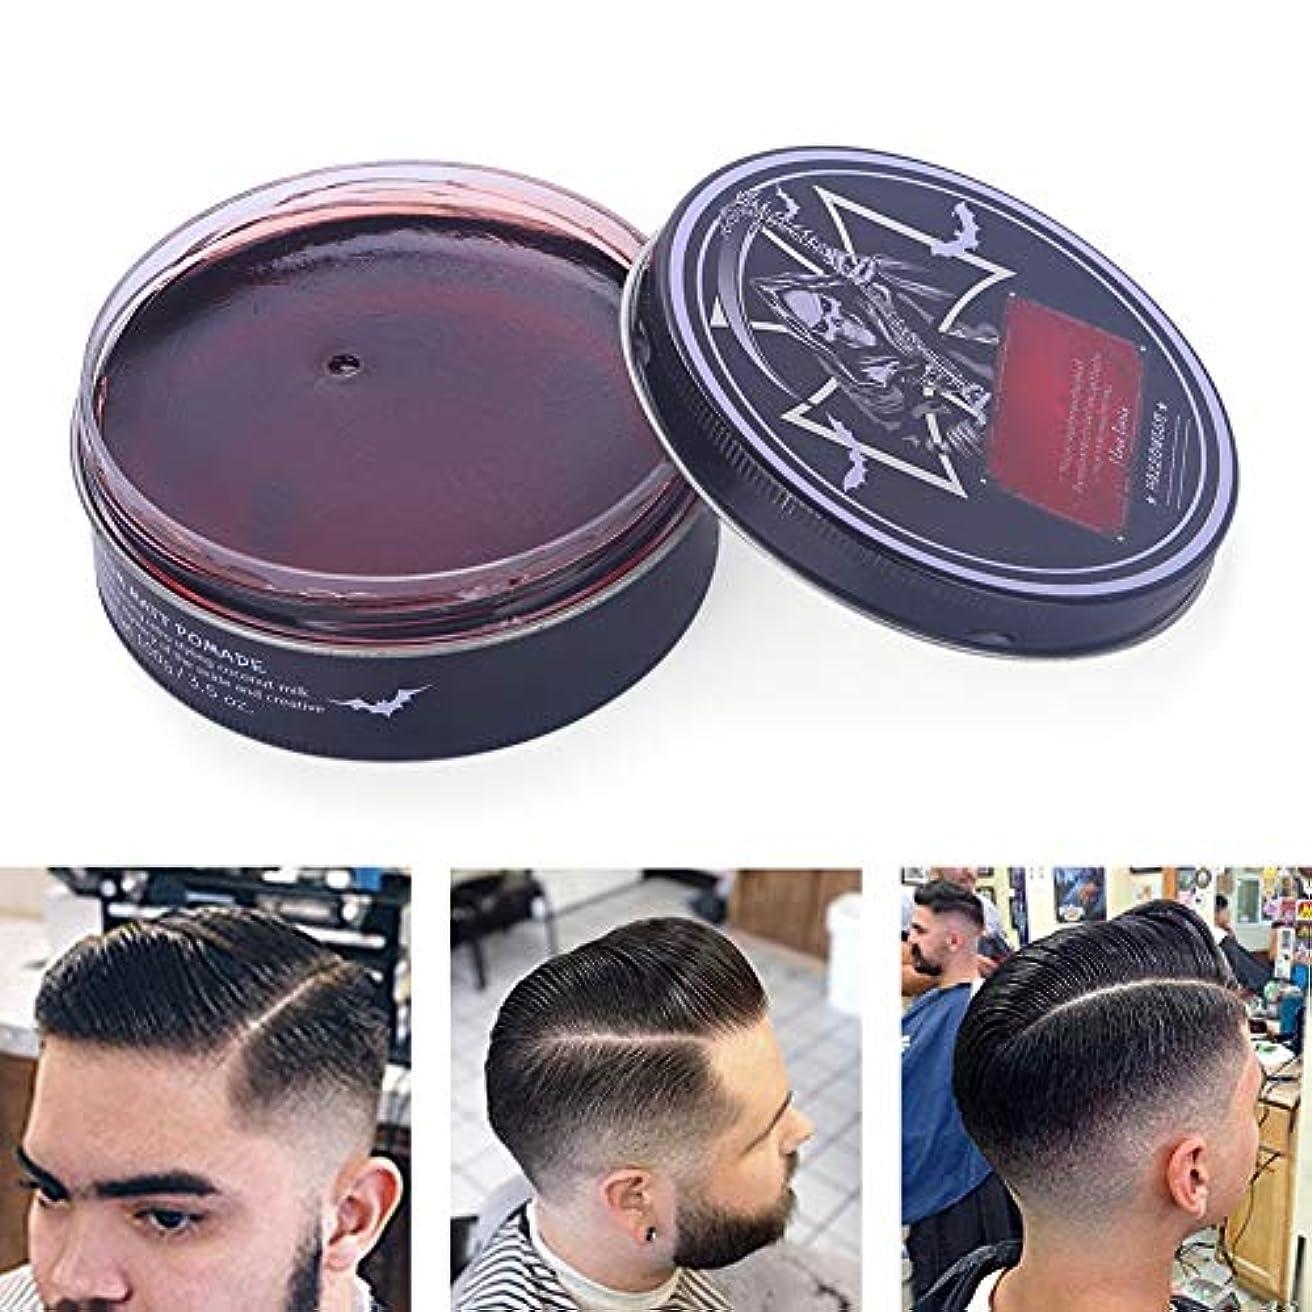 暴露ベーコン概要プロのヘアスタイリング100ミリリットルを設計するための男性のためのヘアスタイリングワックス、ナチュラルおよび有機成分ヘアスタイリング粘土